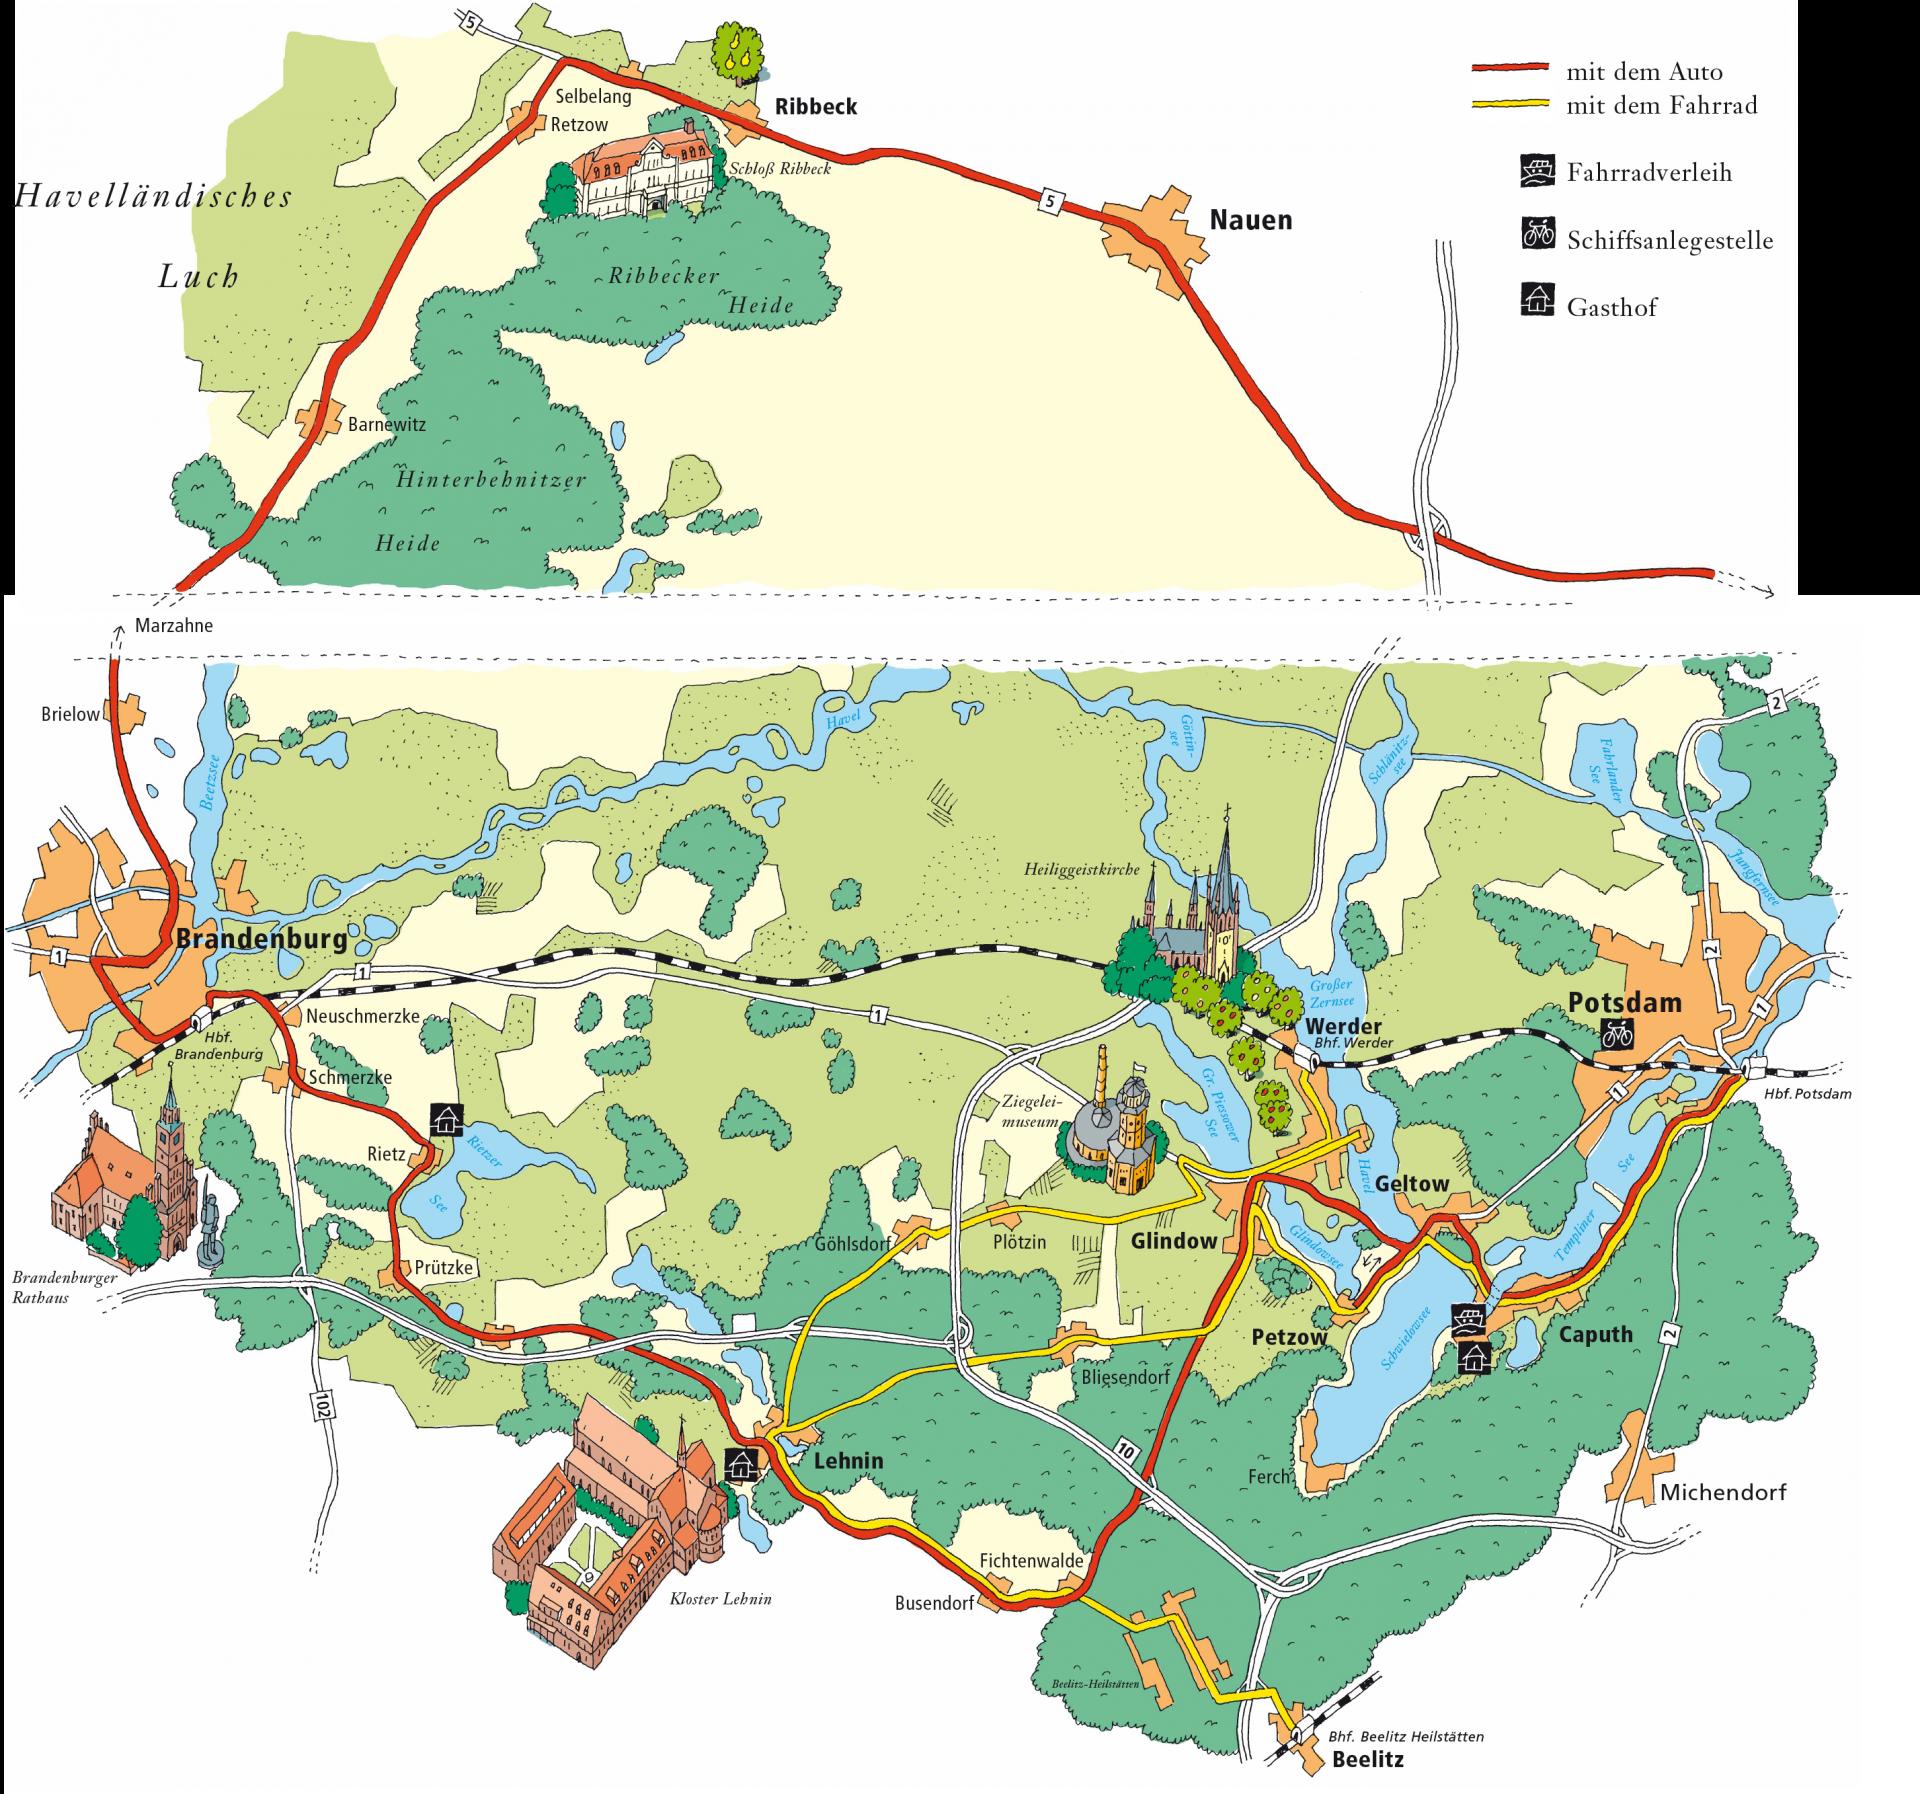 Stadtplan mit 3D-Zeichnungen von Gebäuden - Typoly